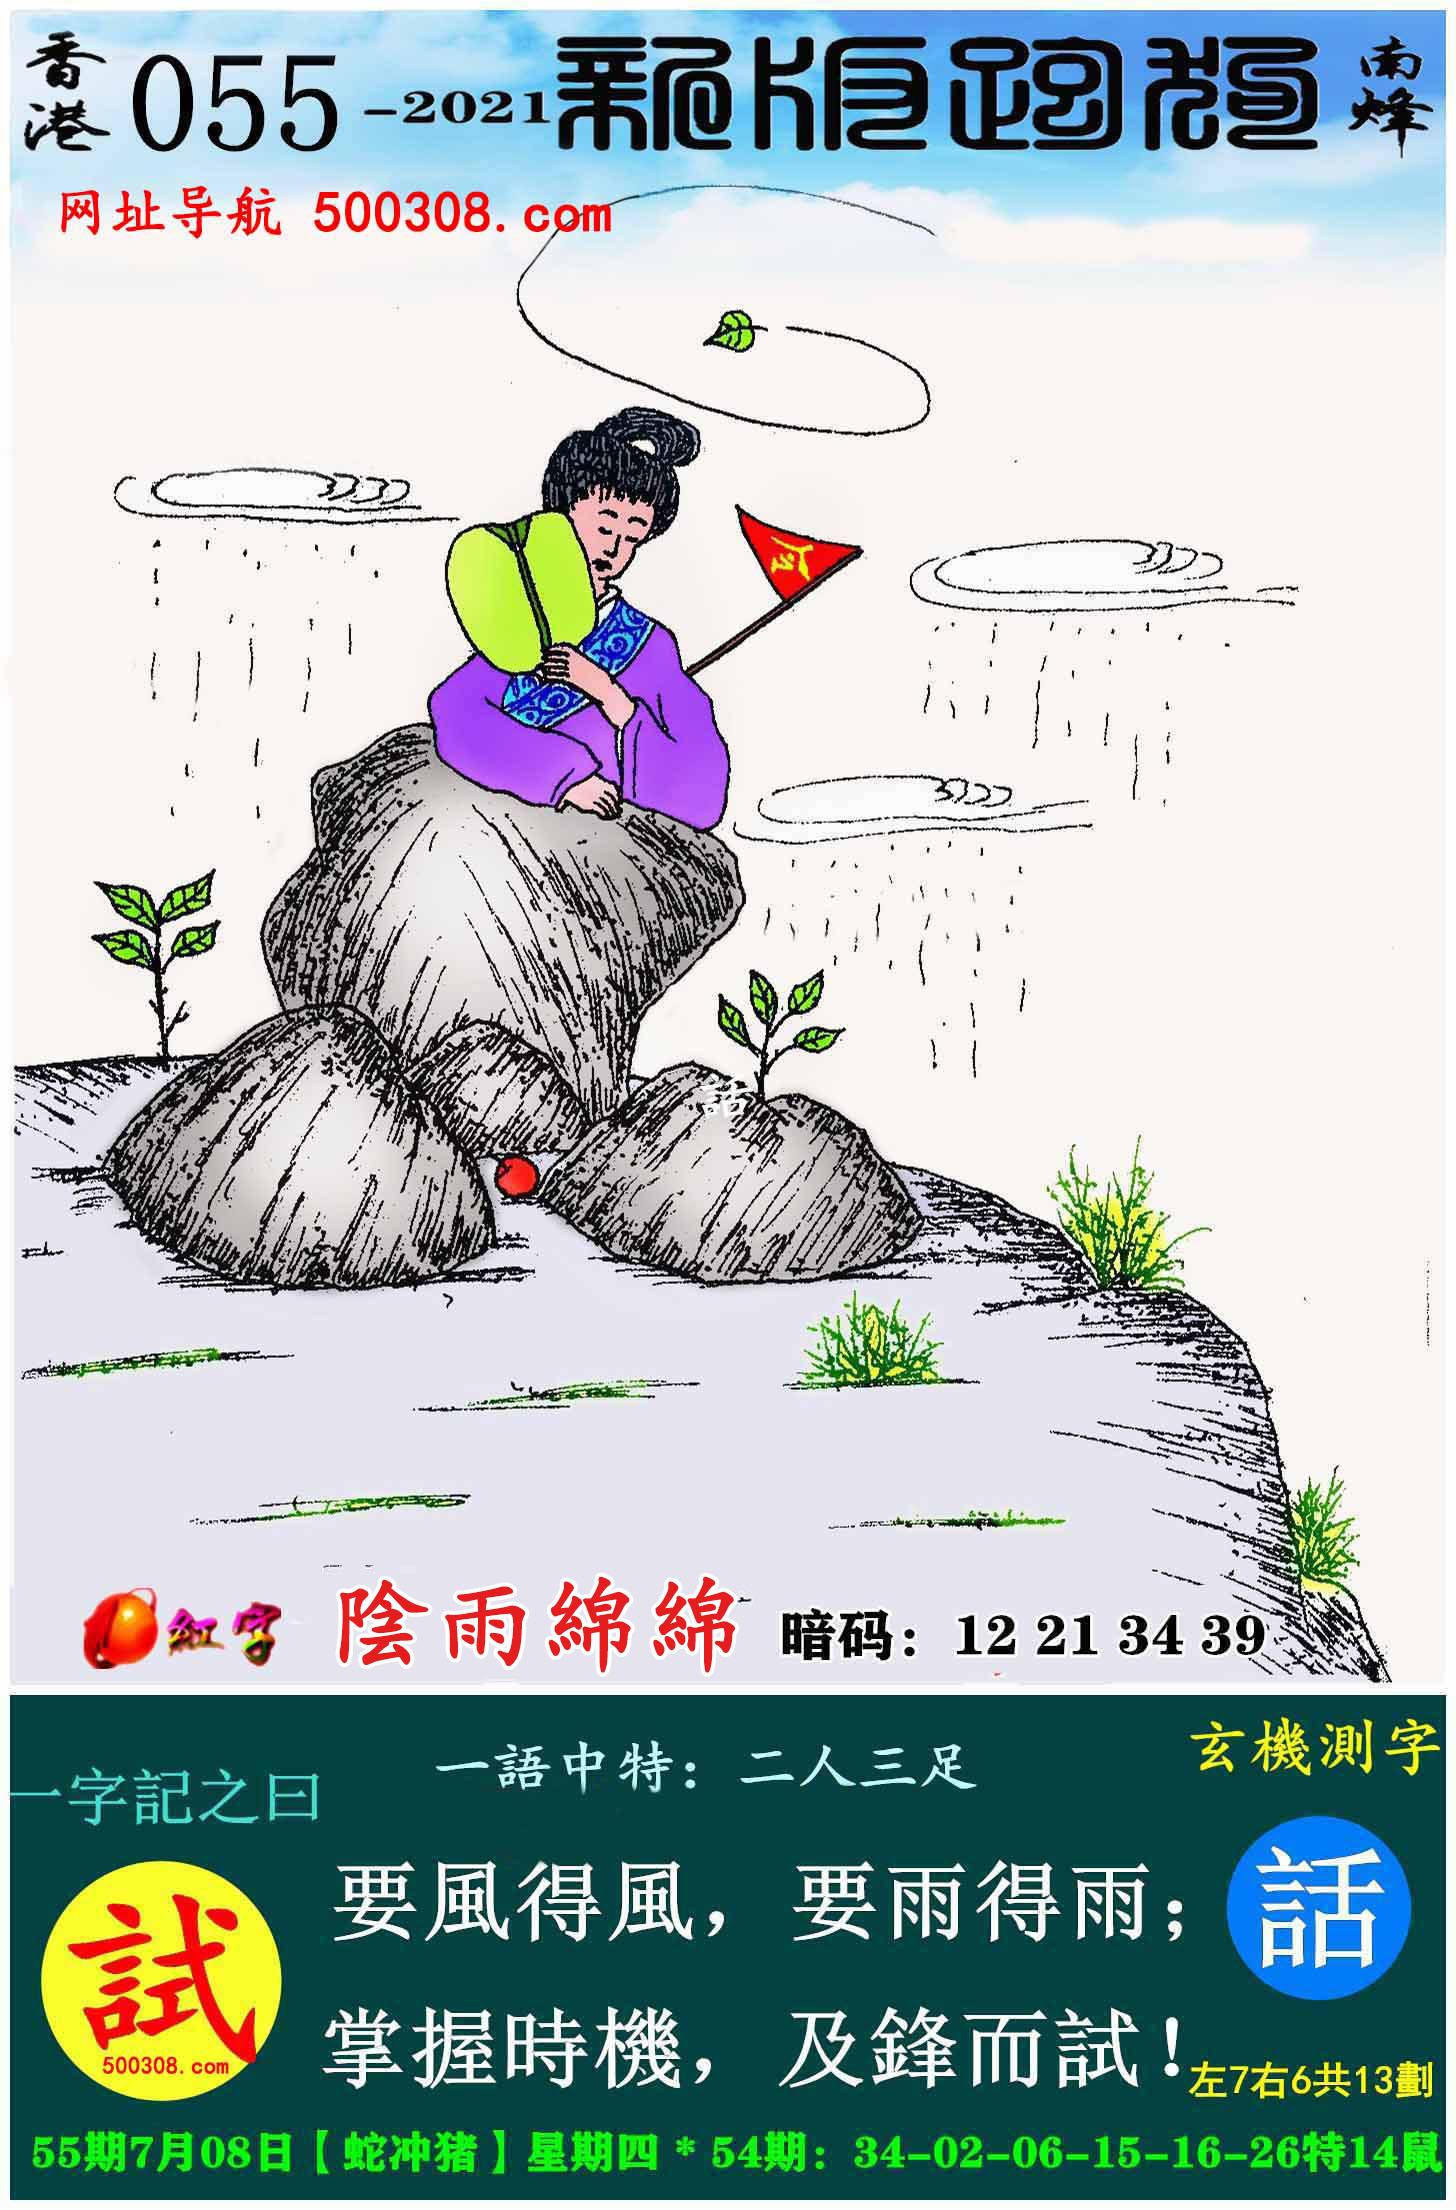 055期跑狗一字�之曰:【�】 要�L得�L,要雨得雨;掌握�r�C,及�h而�!